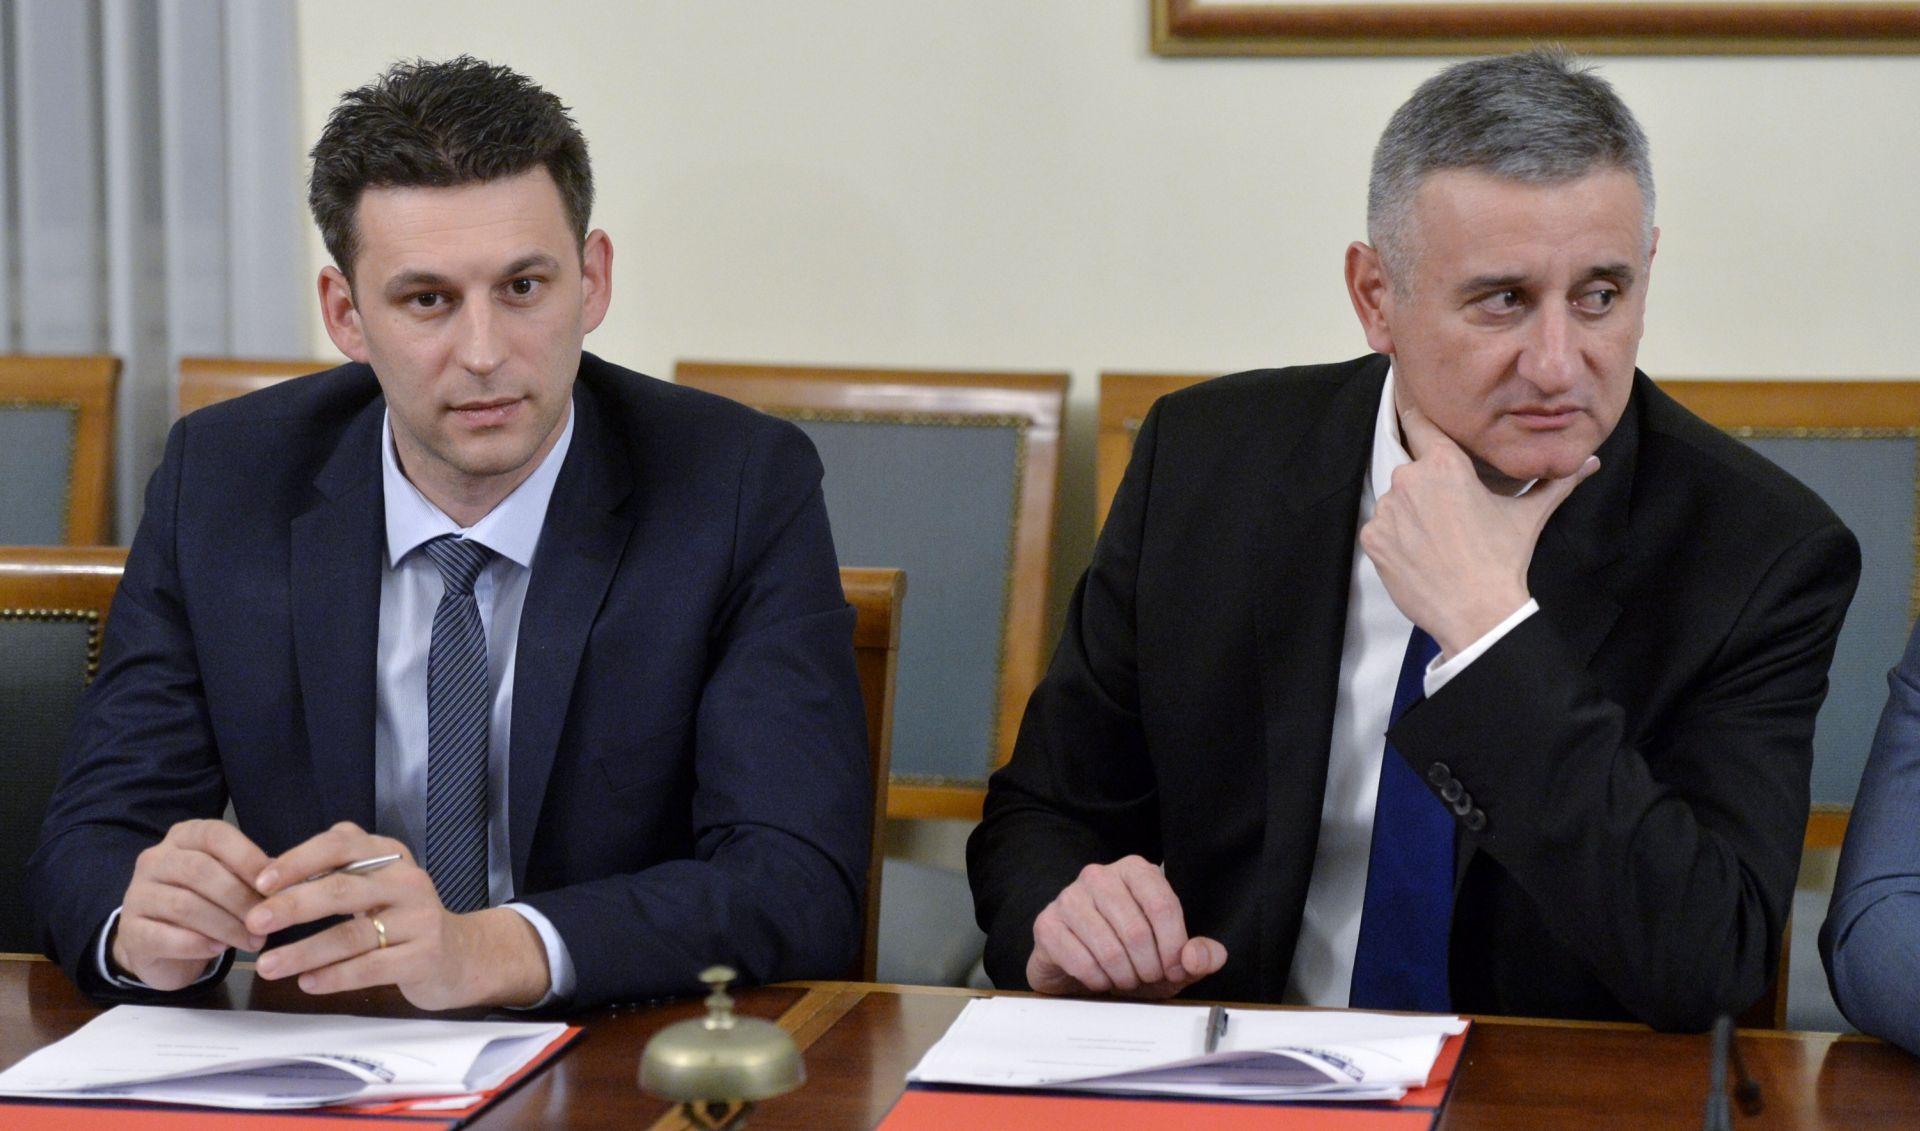 Petrov Karamarku ponudio 48 sati da sam odstupi, predsjednik HDZ-a samo se nasmijao